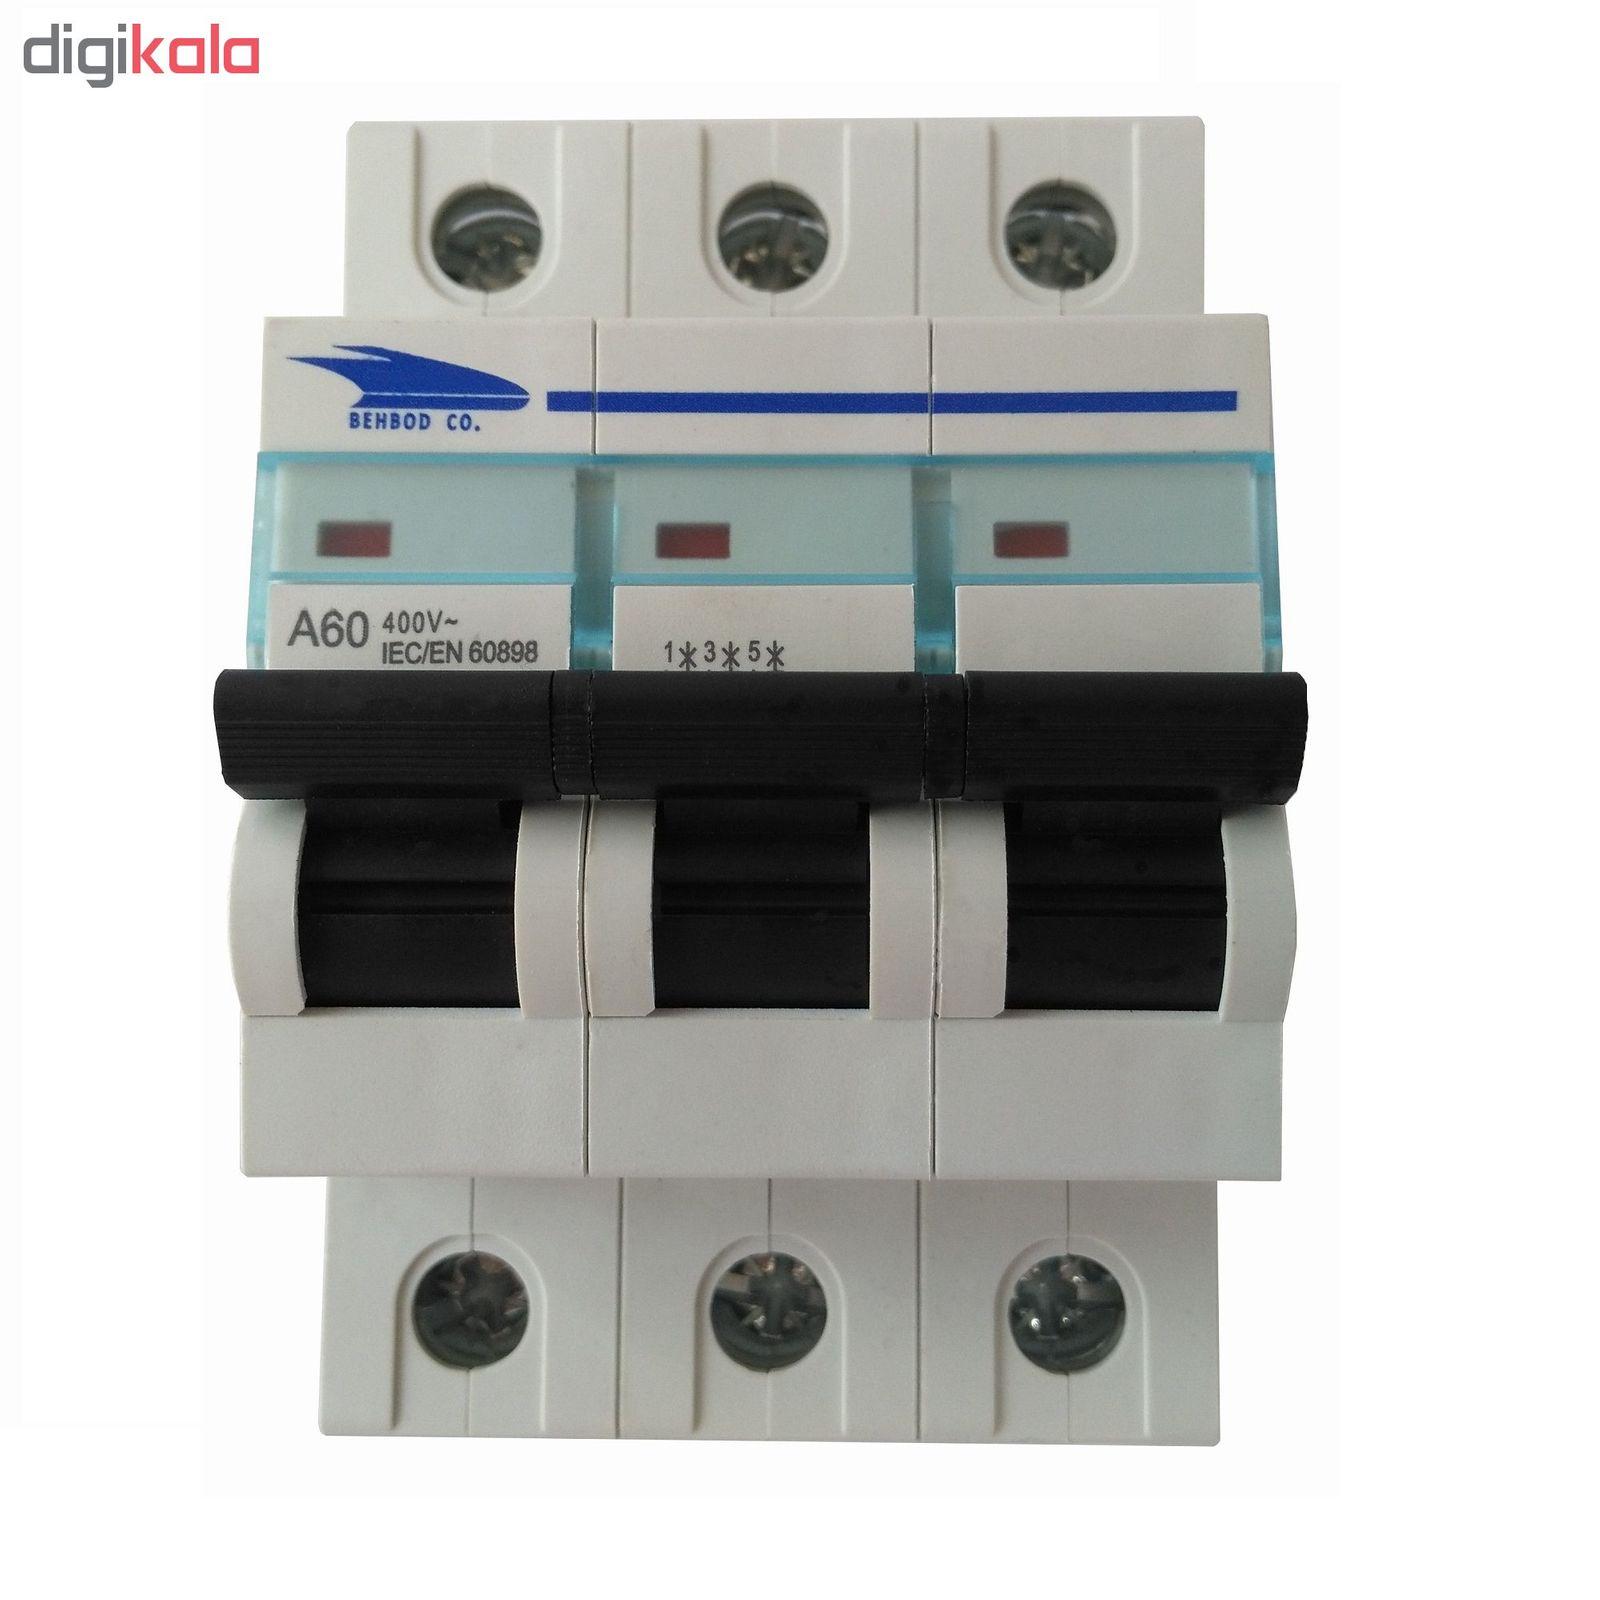 خرید اینترنتی با تخفیف ویژه فیوز مینیاتوری سه فاز 32 آمپر بهبد مدل C332